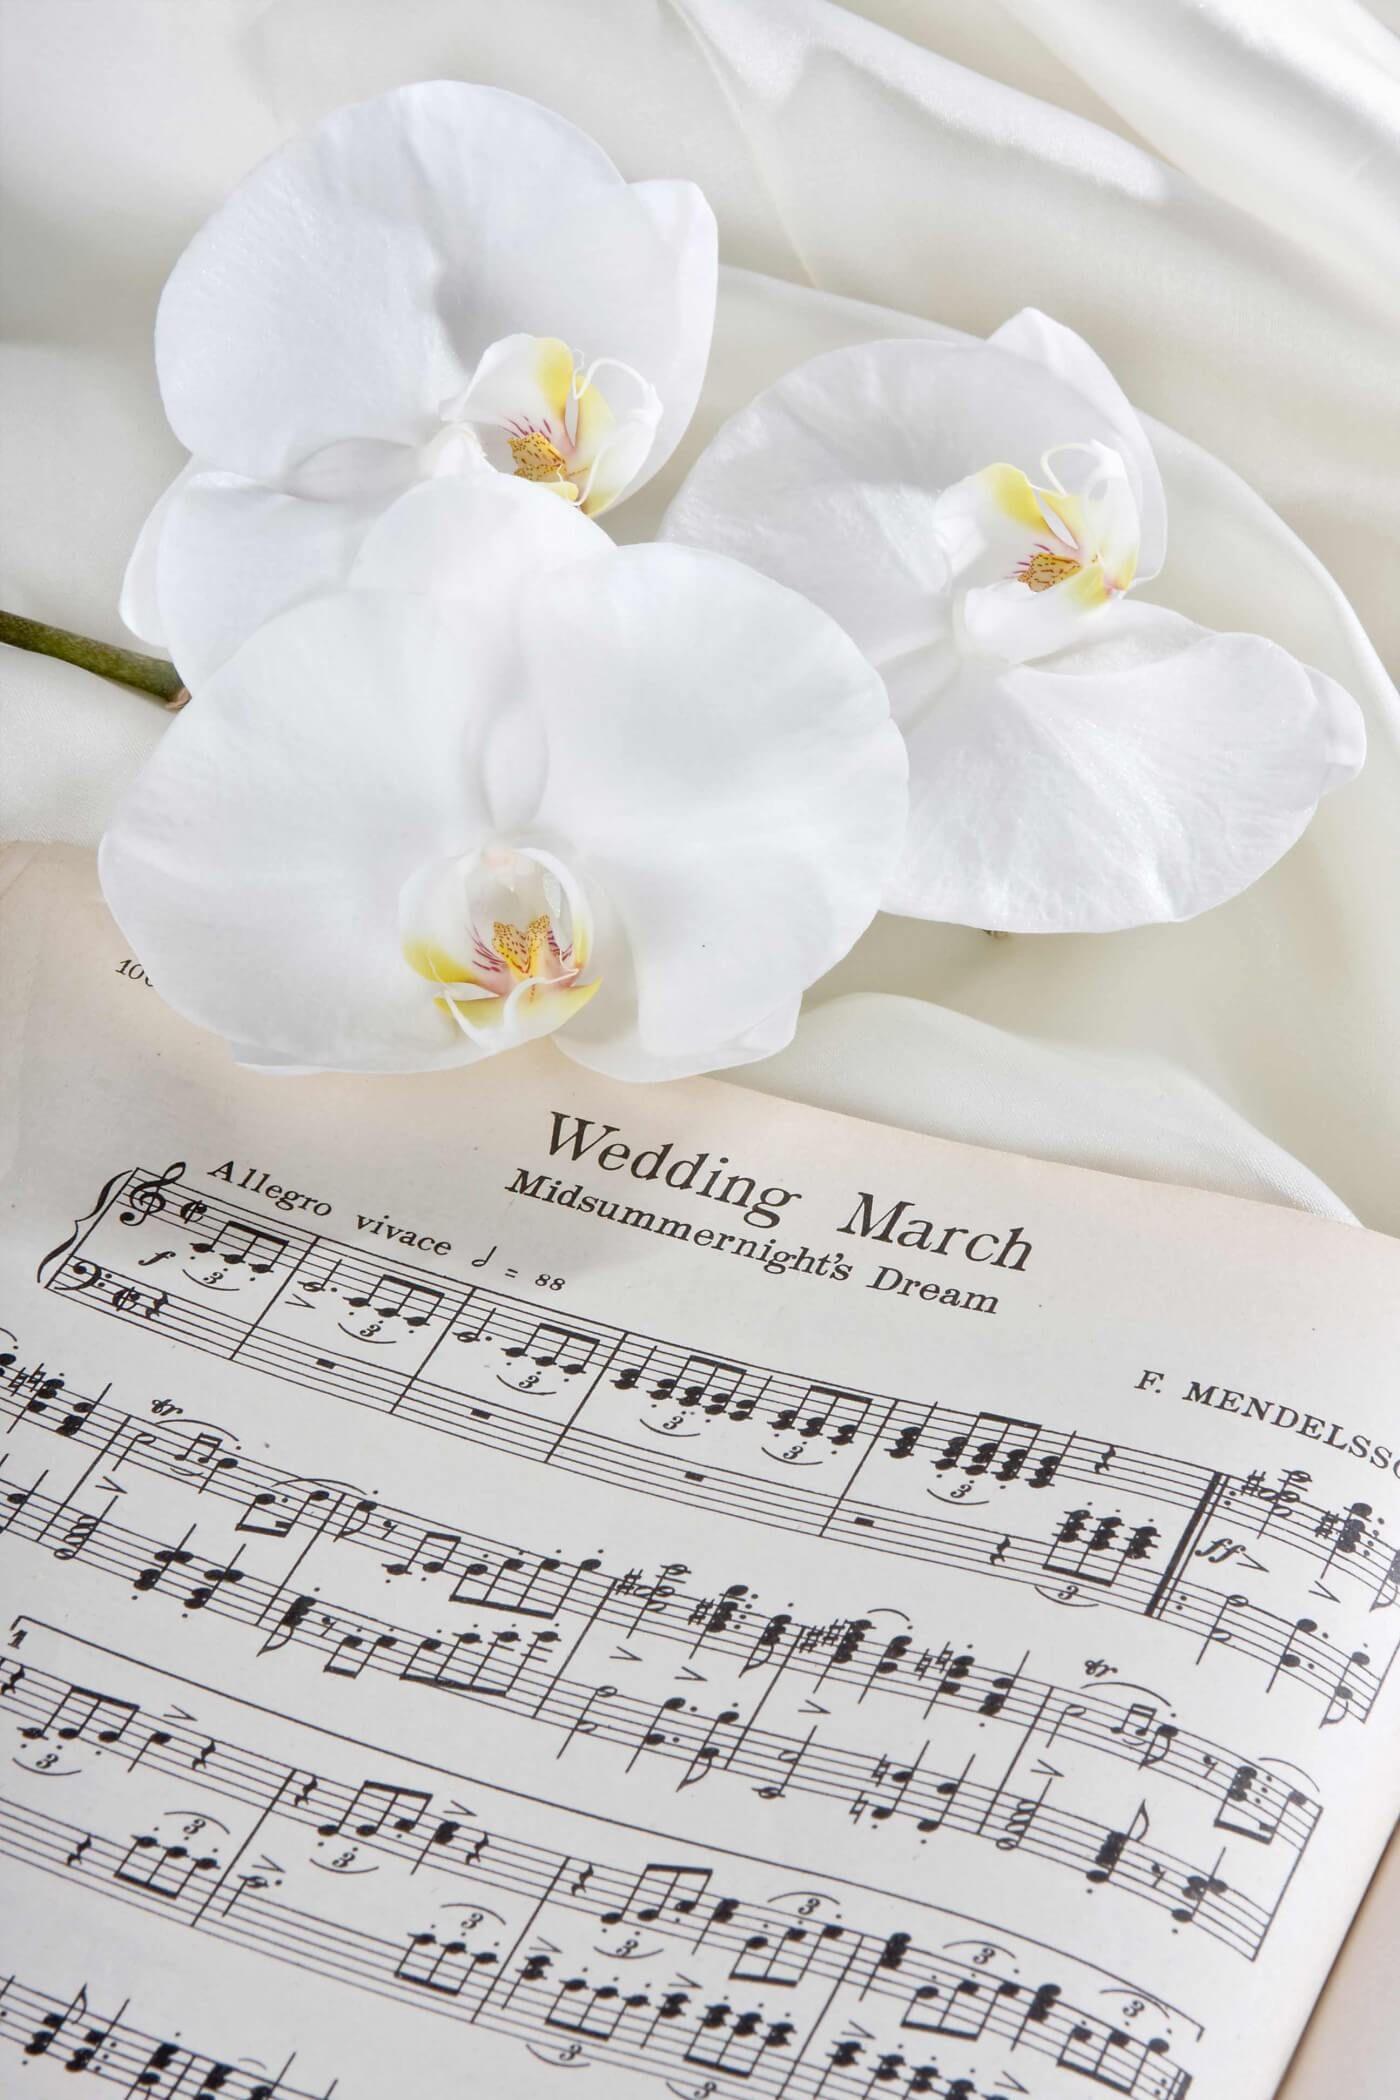 Romantik Garantiert Mit Diesen 10 Liedern Sorgt Ihr In Der